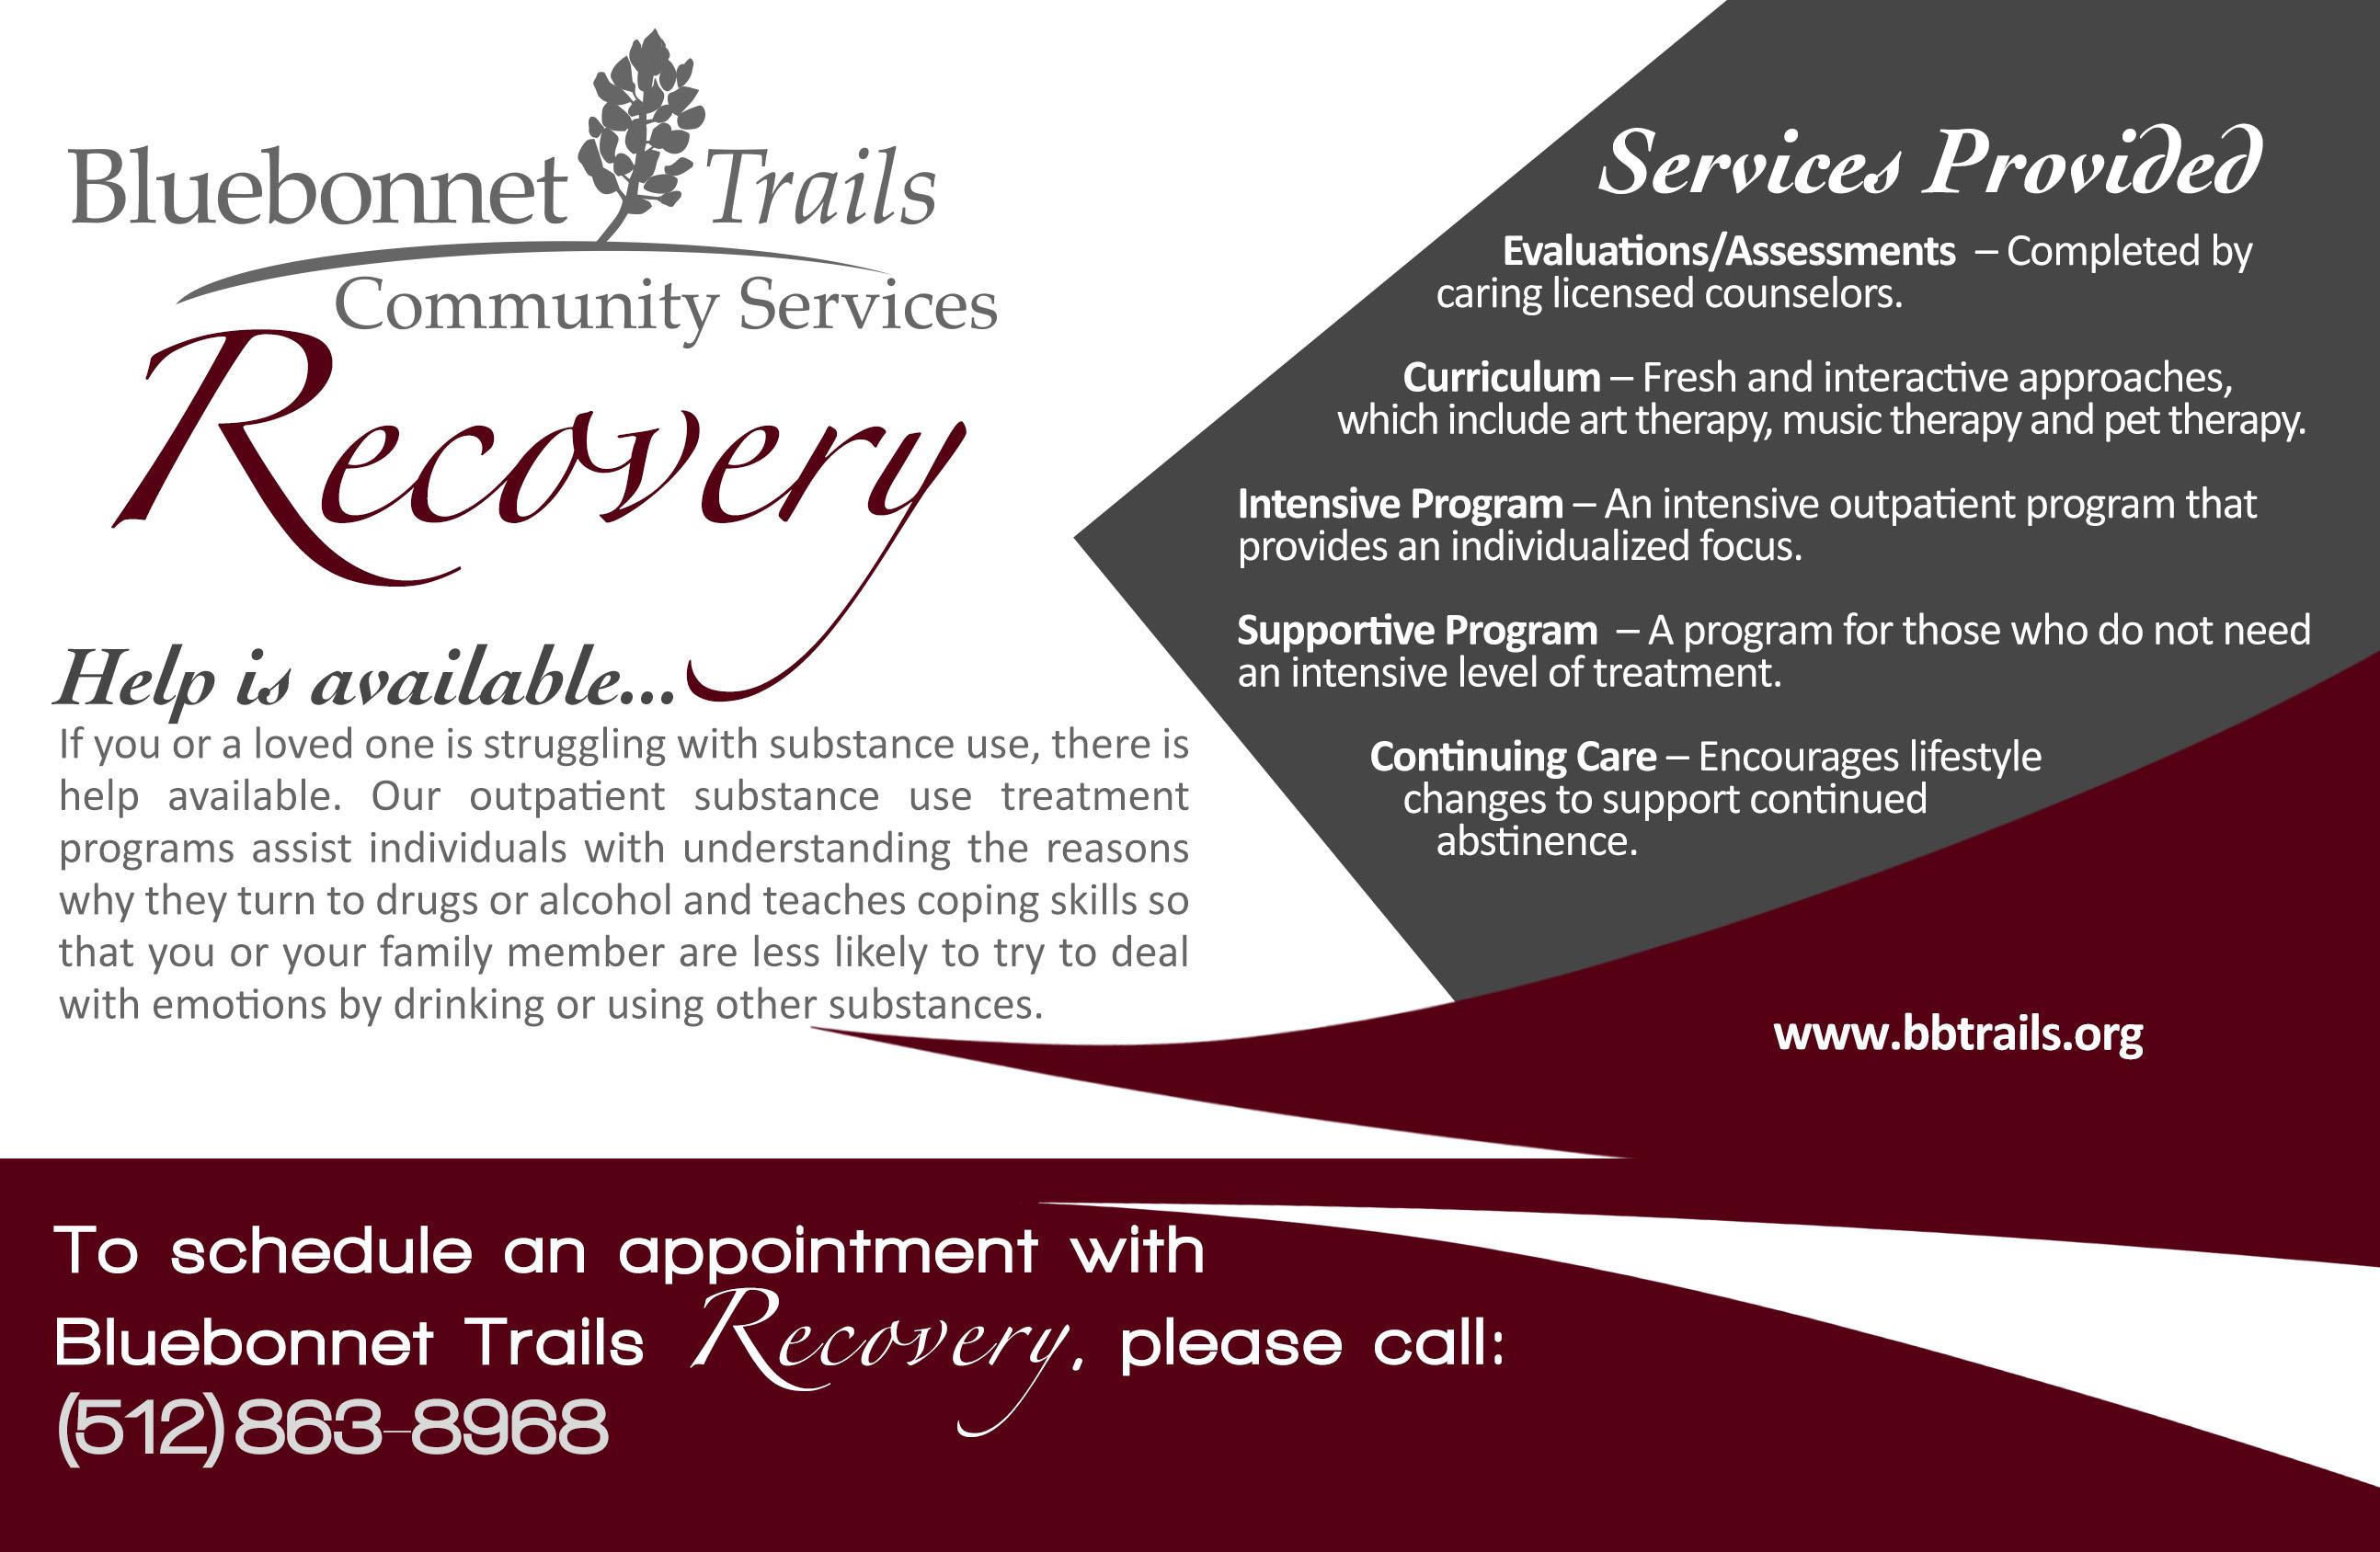 Substance Use Services | Bluebonnet Trails Community Services